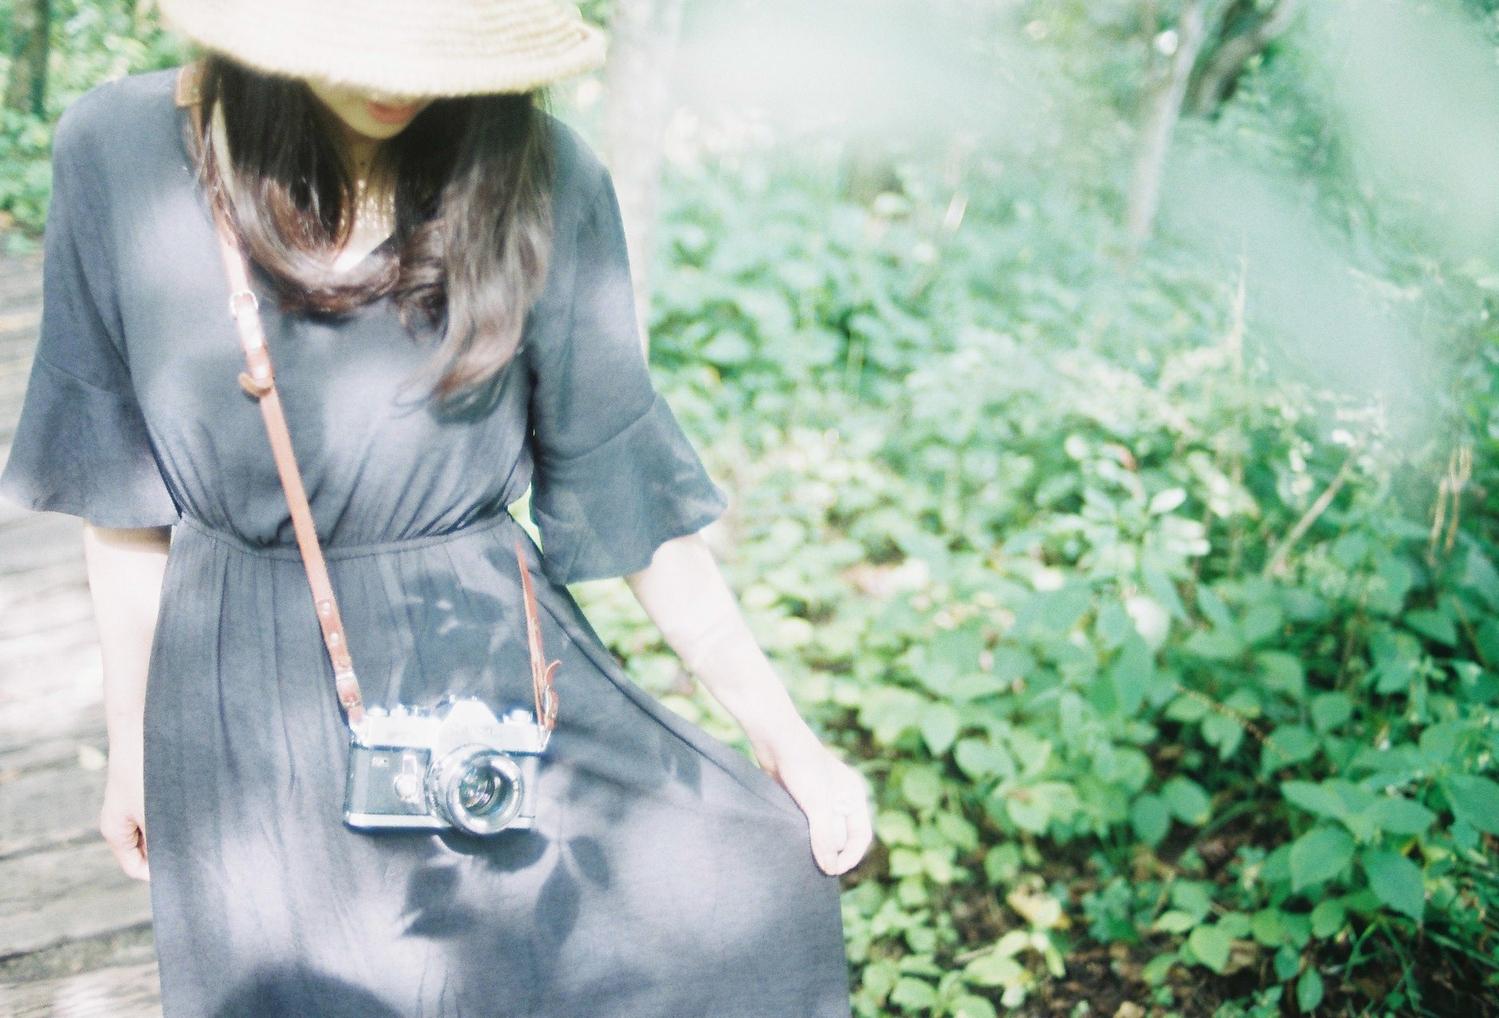 麦わら帽子をかぶっている女性